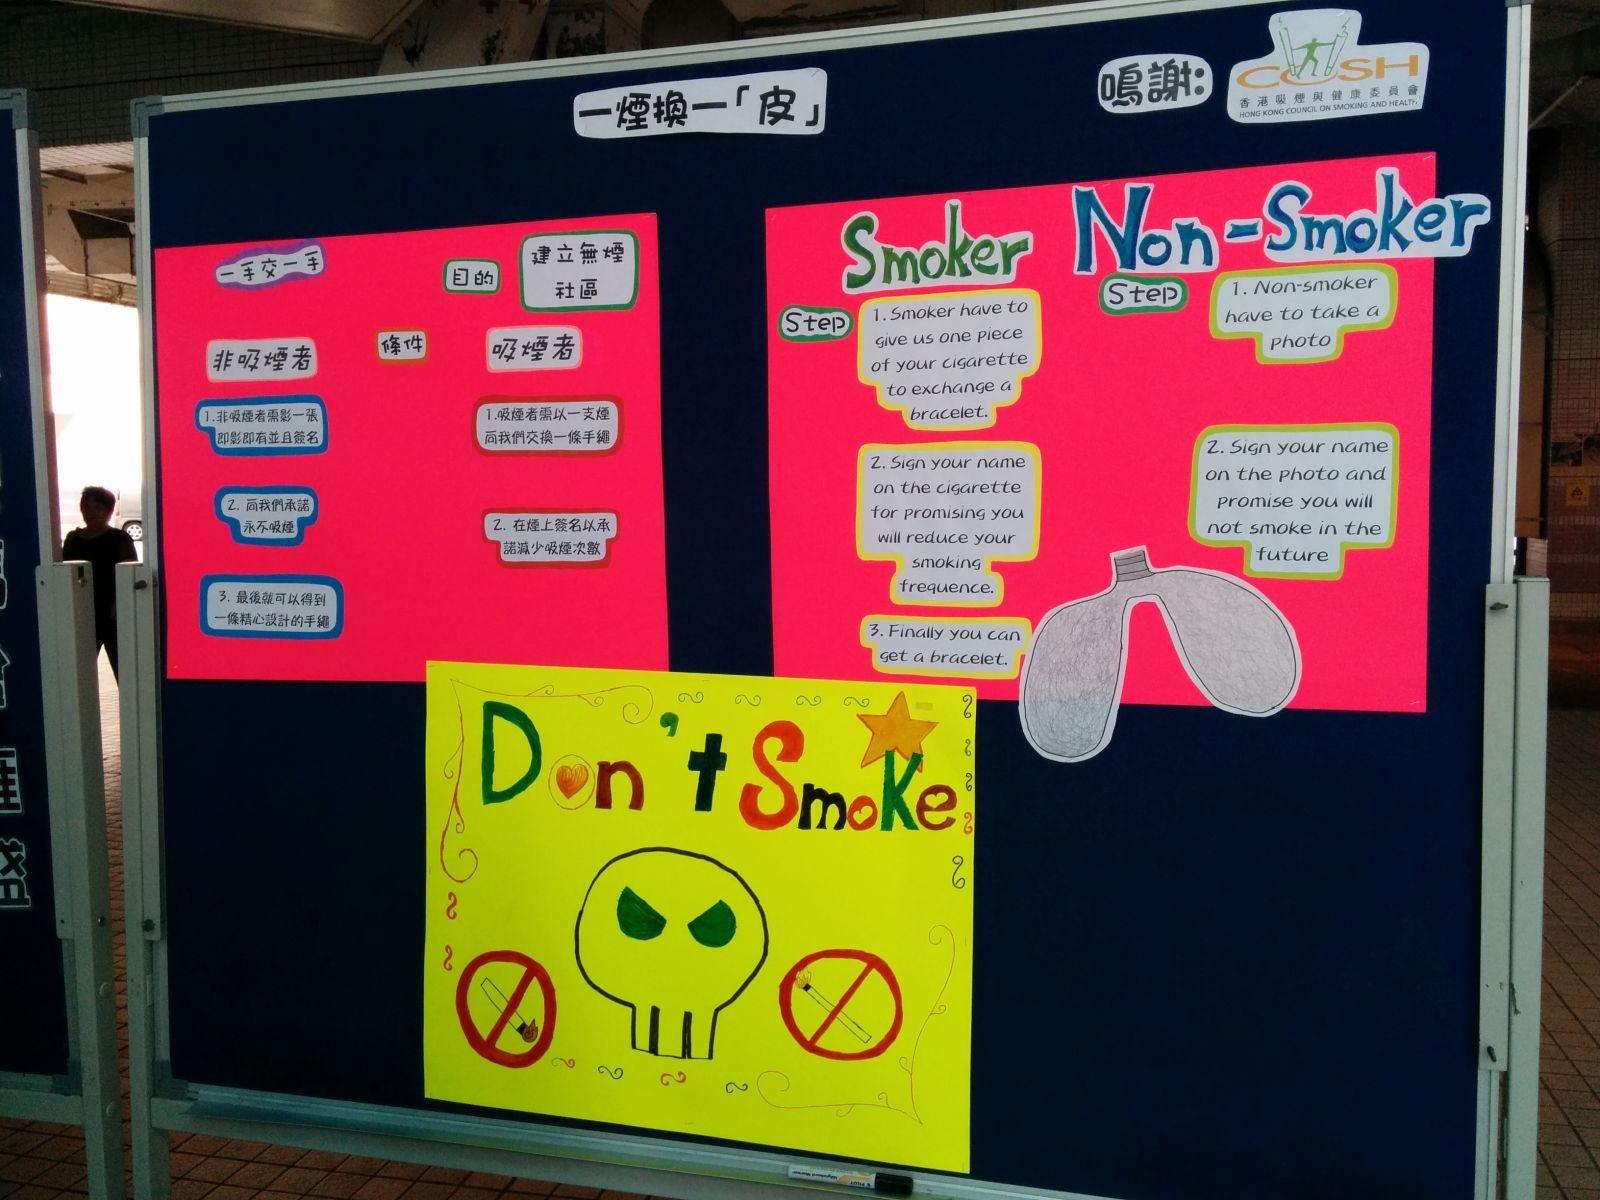 「戒煙大贏家」無煙社區計劃無煙社區宣傳活動